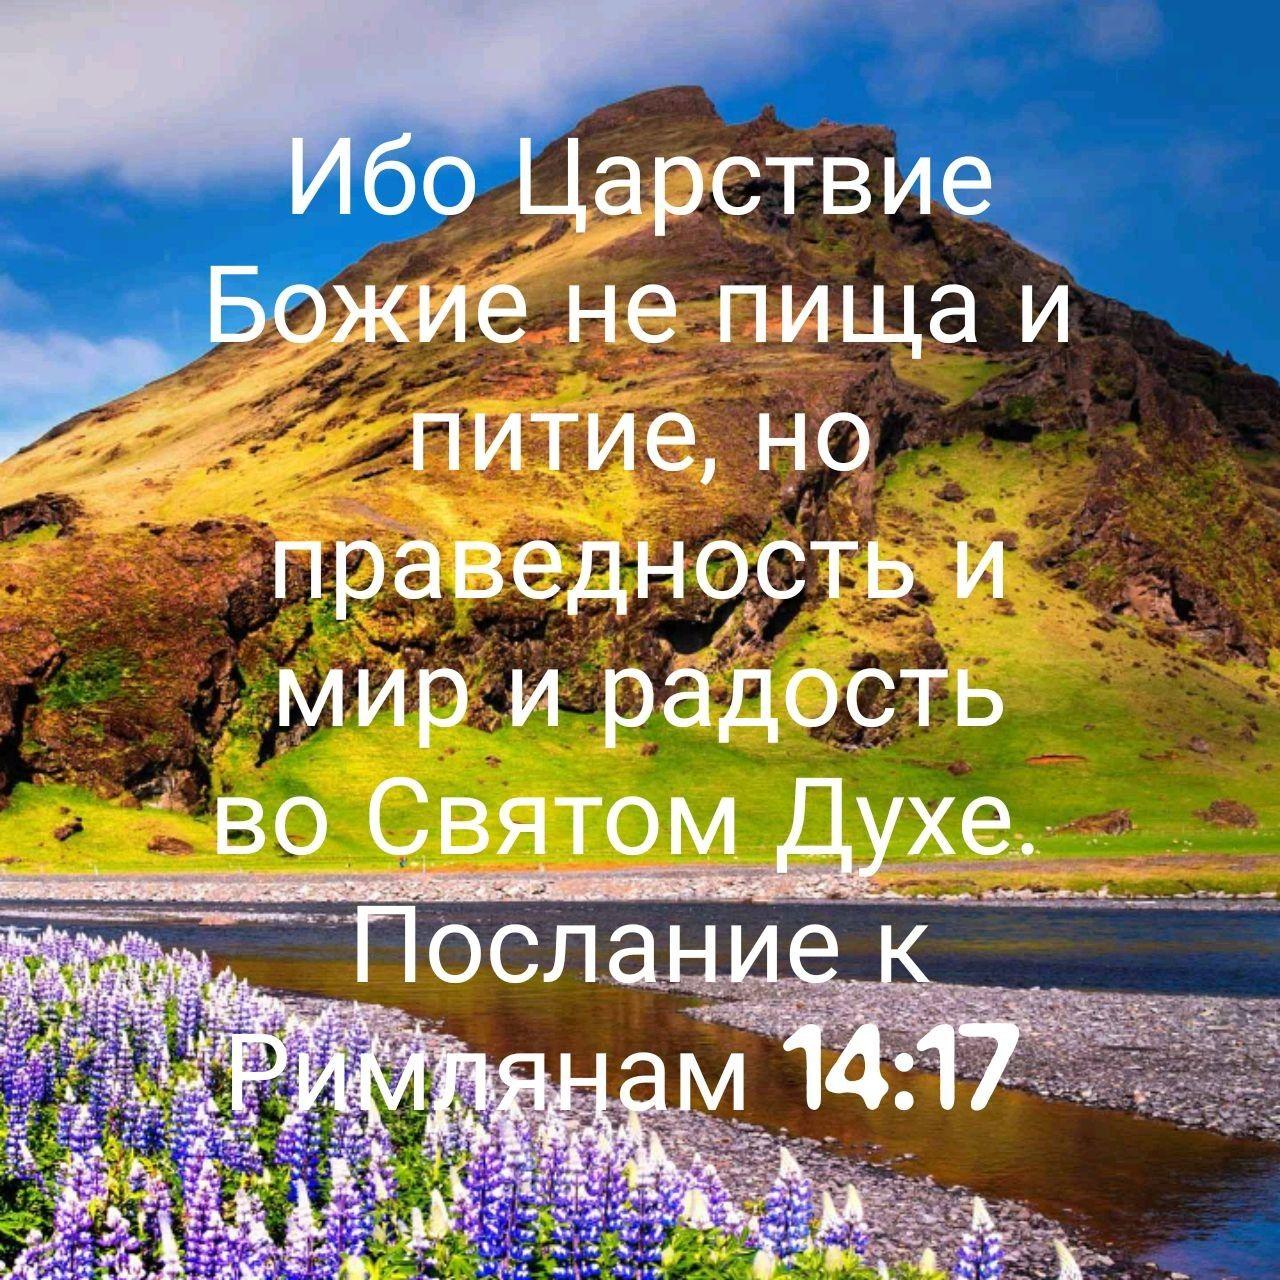 формулы-дроби записывают библейские цитаты открытки разные, доступные уточняем